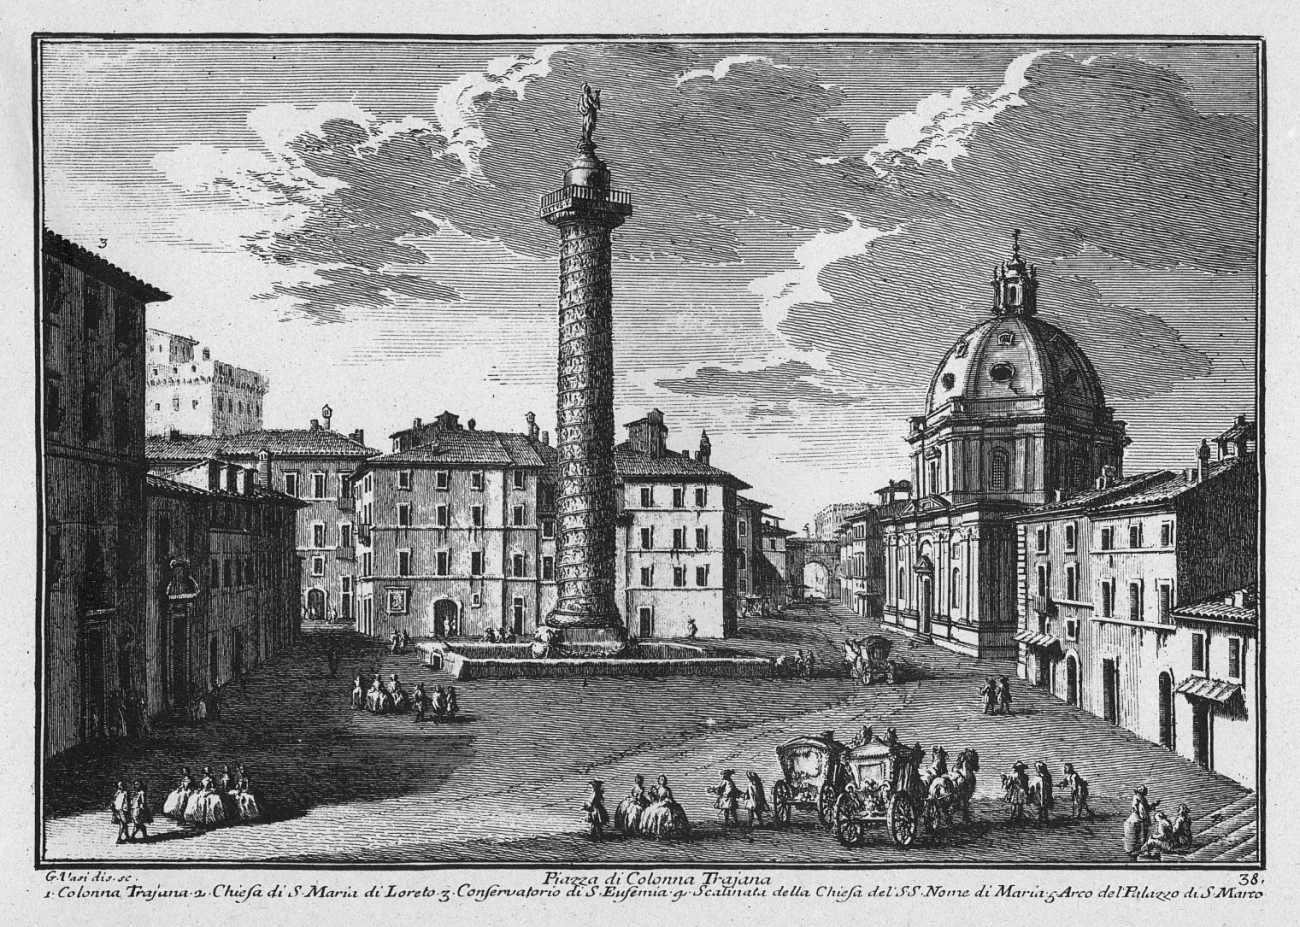 La place de la Colonne Trajane, gravure de Guisueppe Vasi, milieu du XVIII° siècle. Photo © Kalermo Koskimies